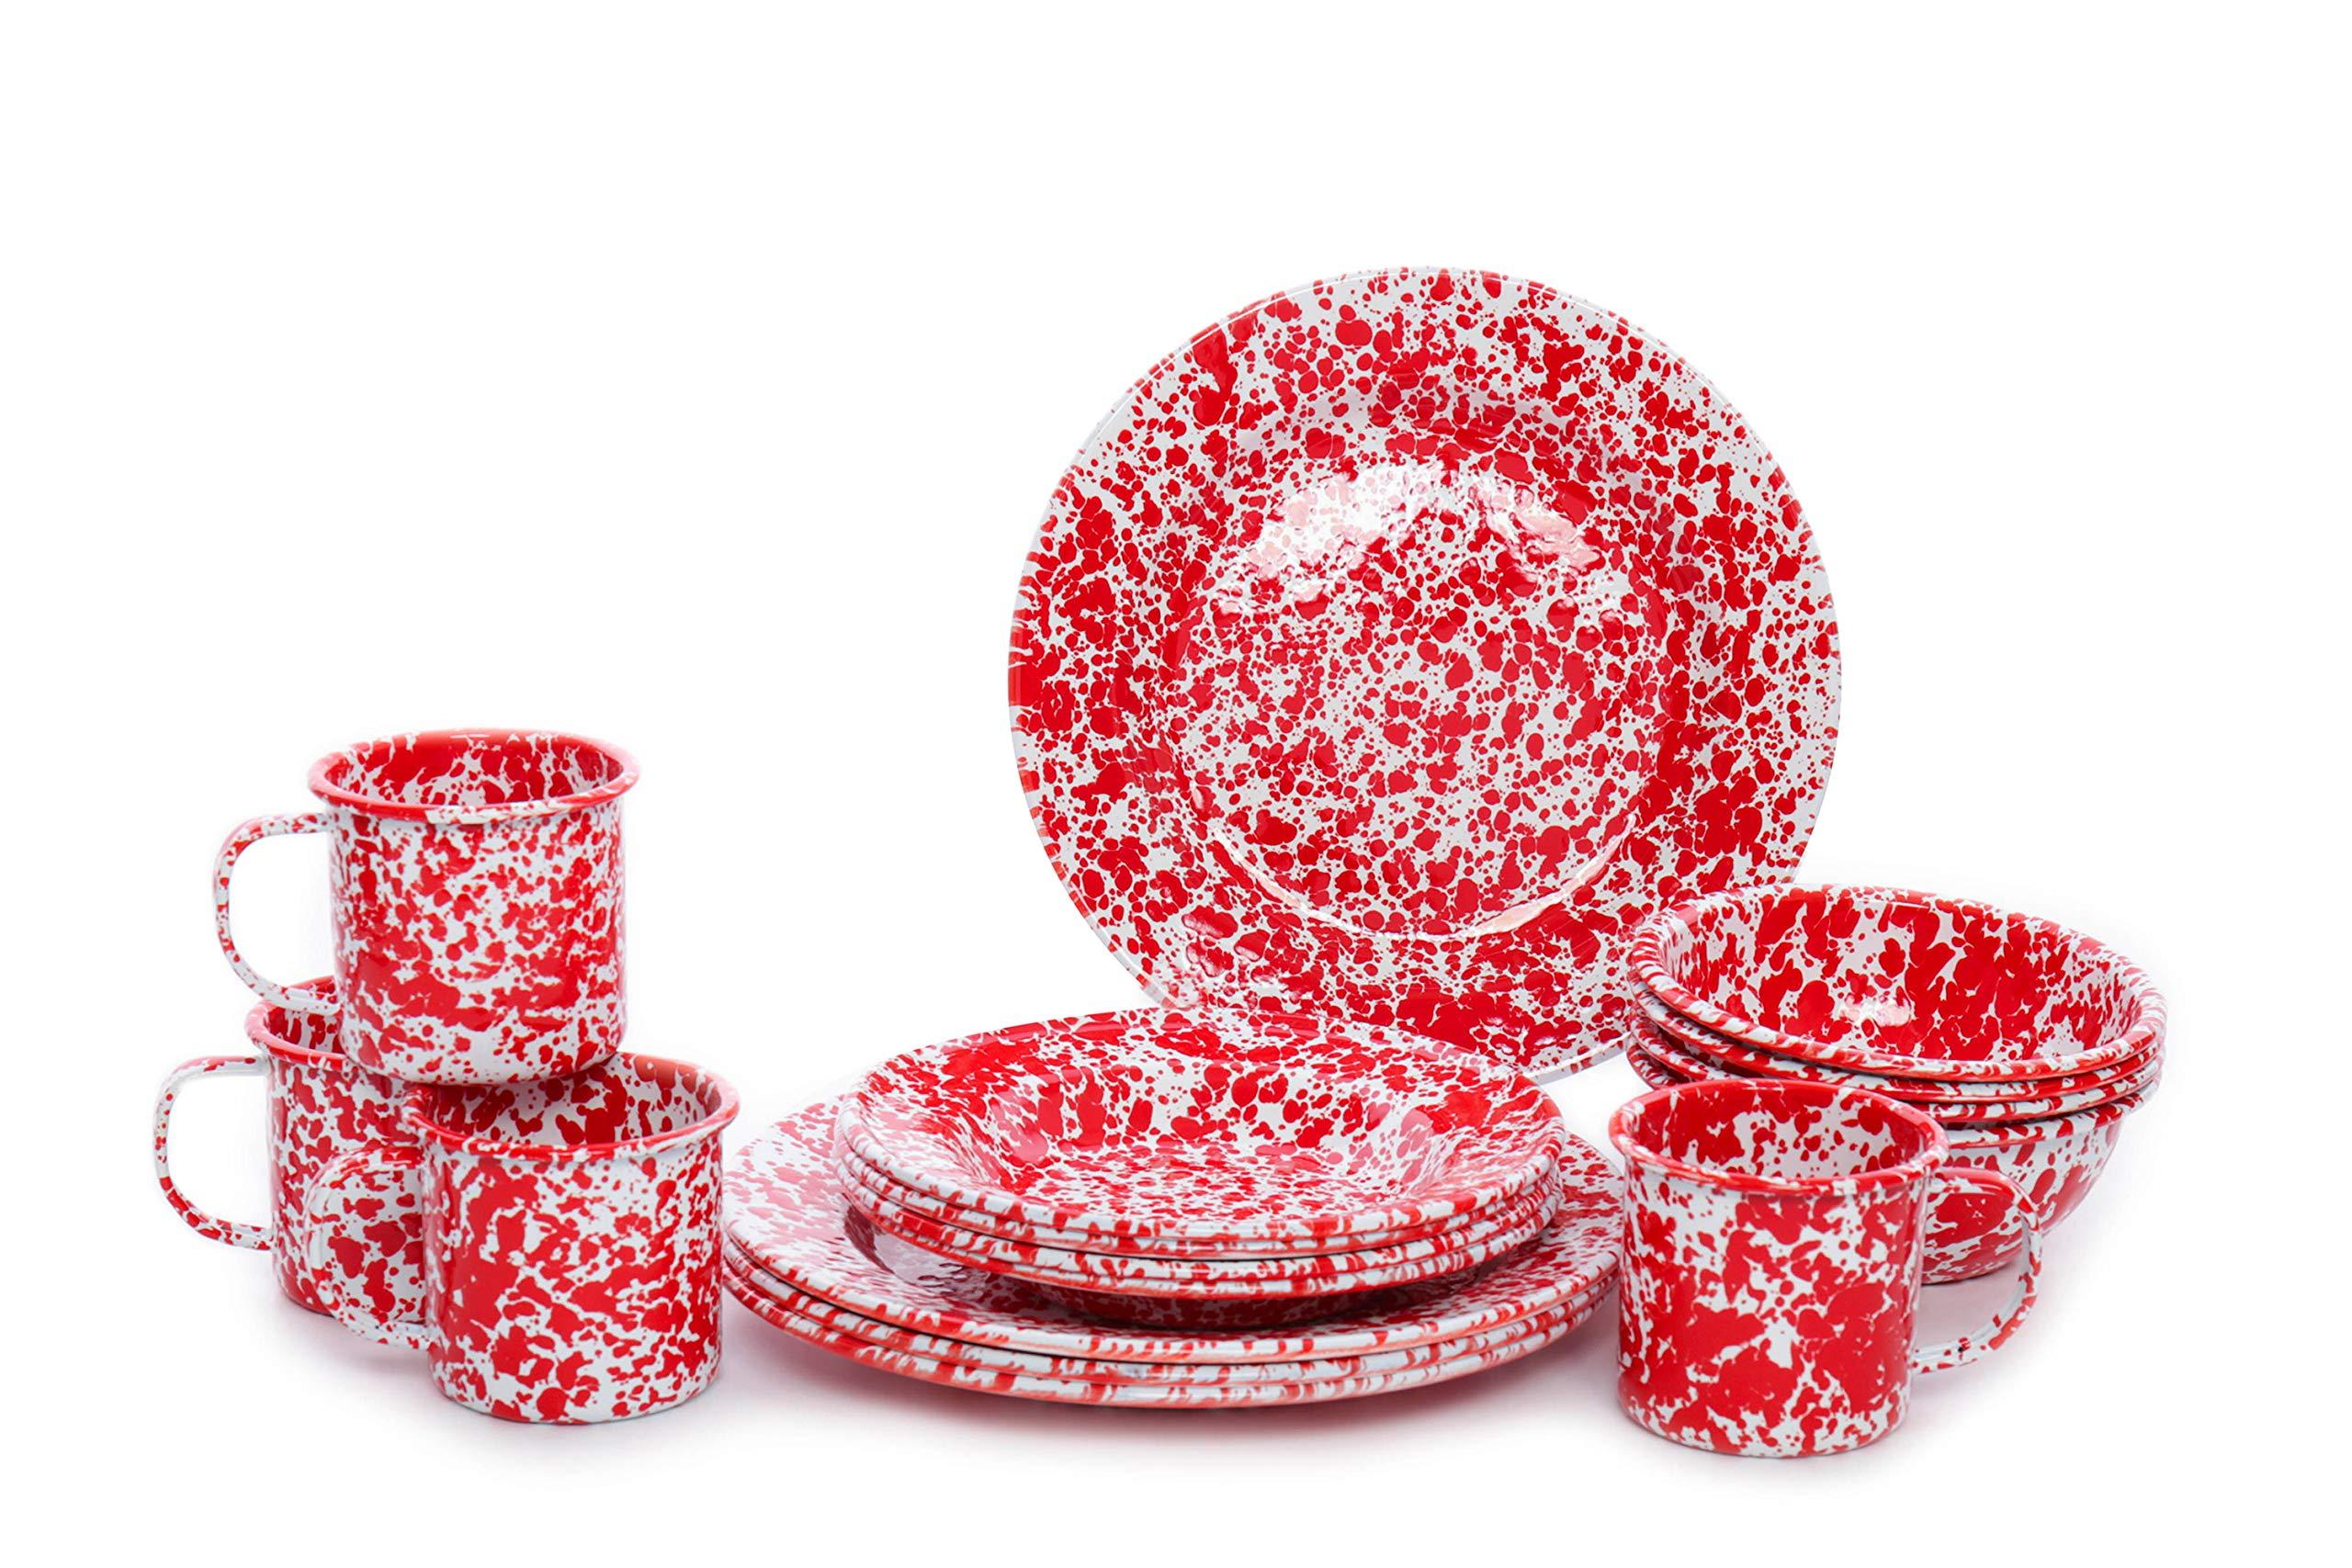 Enamelware Starter Set, 16 piece, Red/White Splatter